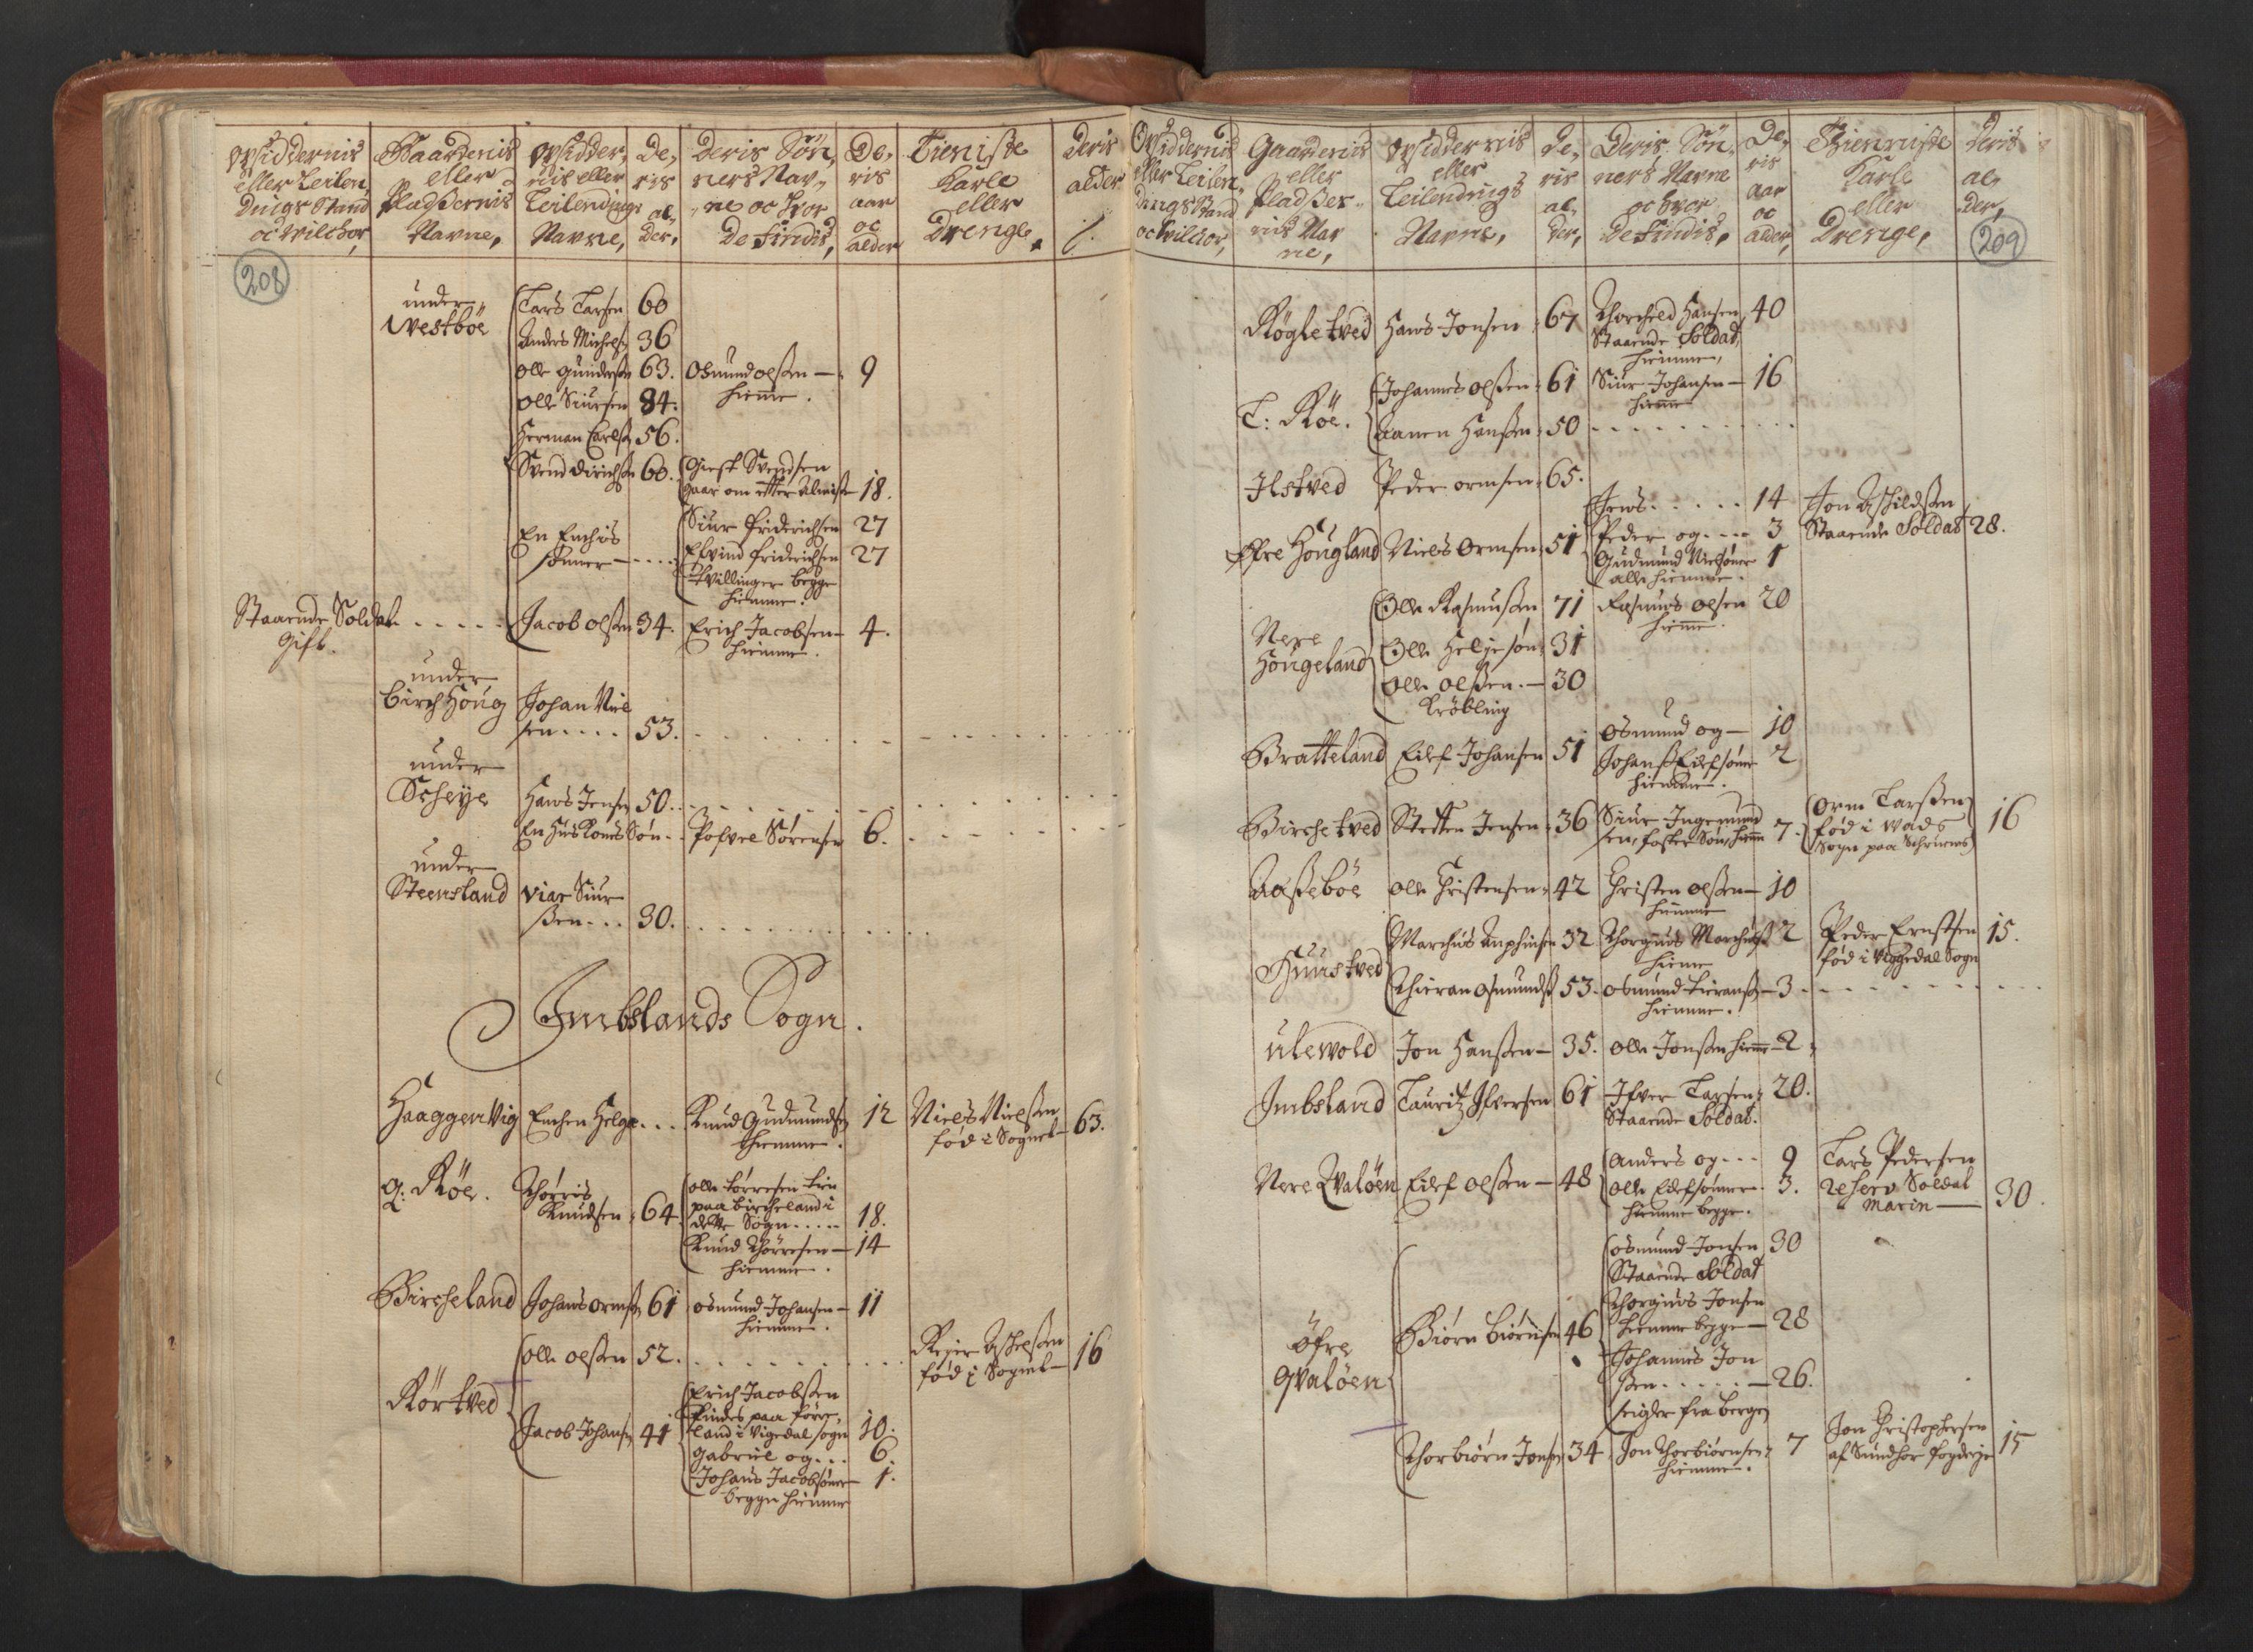 RA, Manntallet 1701, nr. 5: Ryfylke fogderi, 1701, s. 208-209